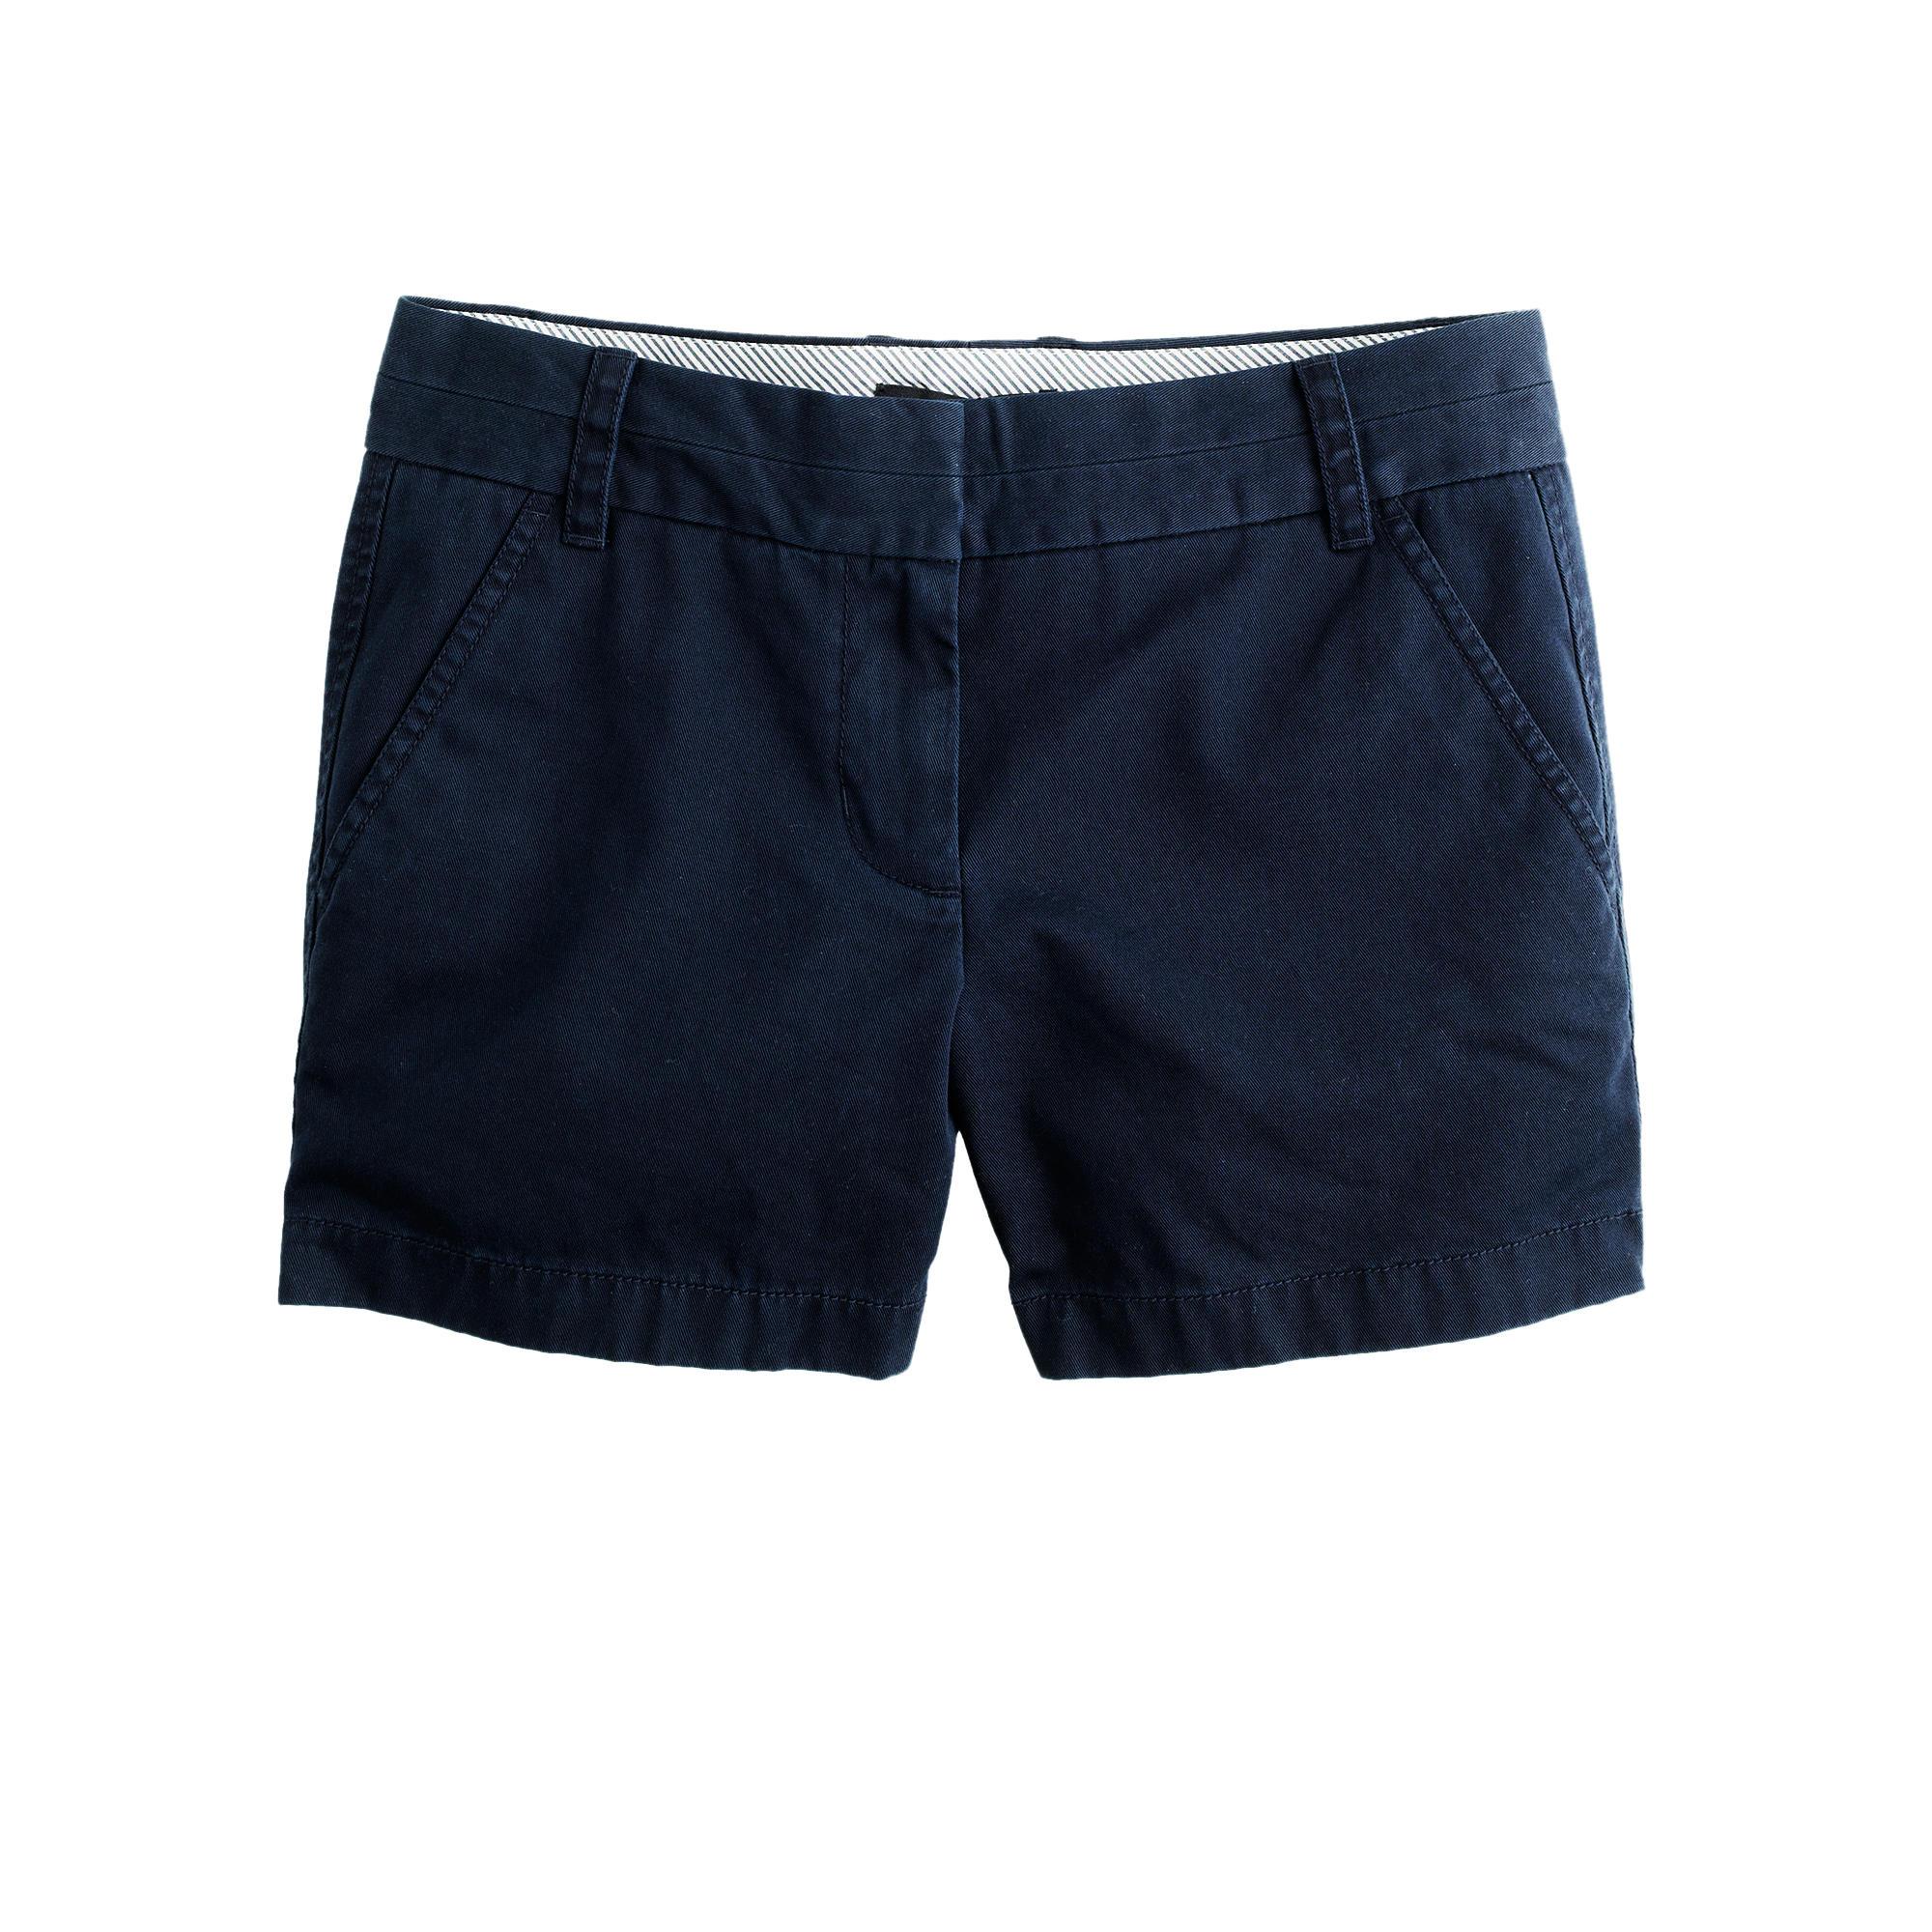 """J. Crew 4"""" Chino Shorts in Navy - $39.50"""